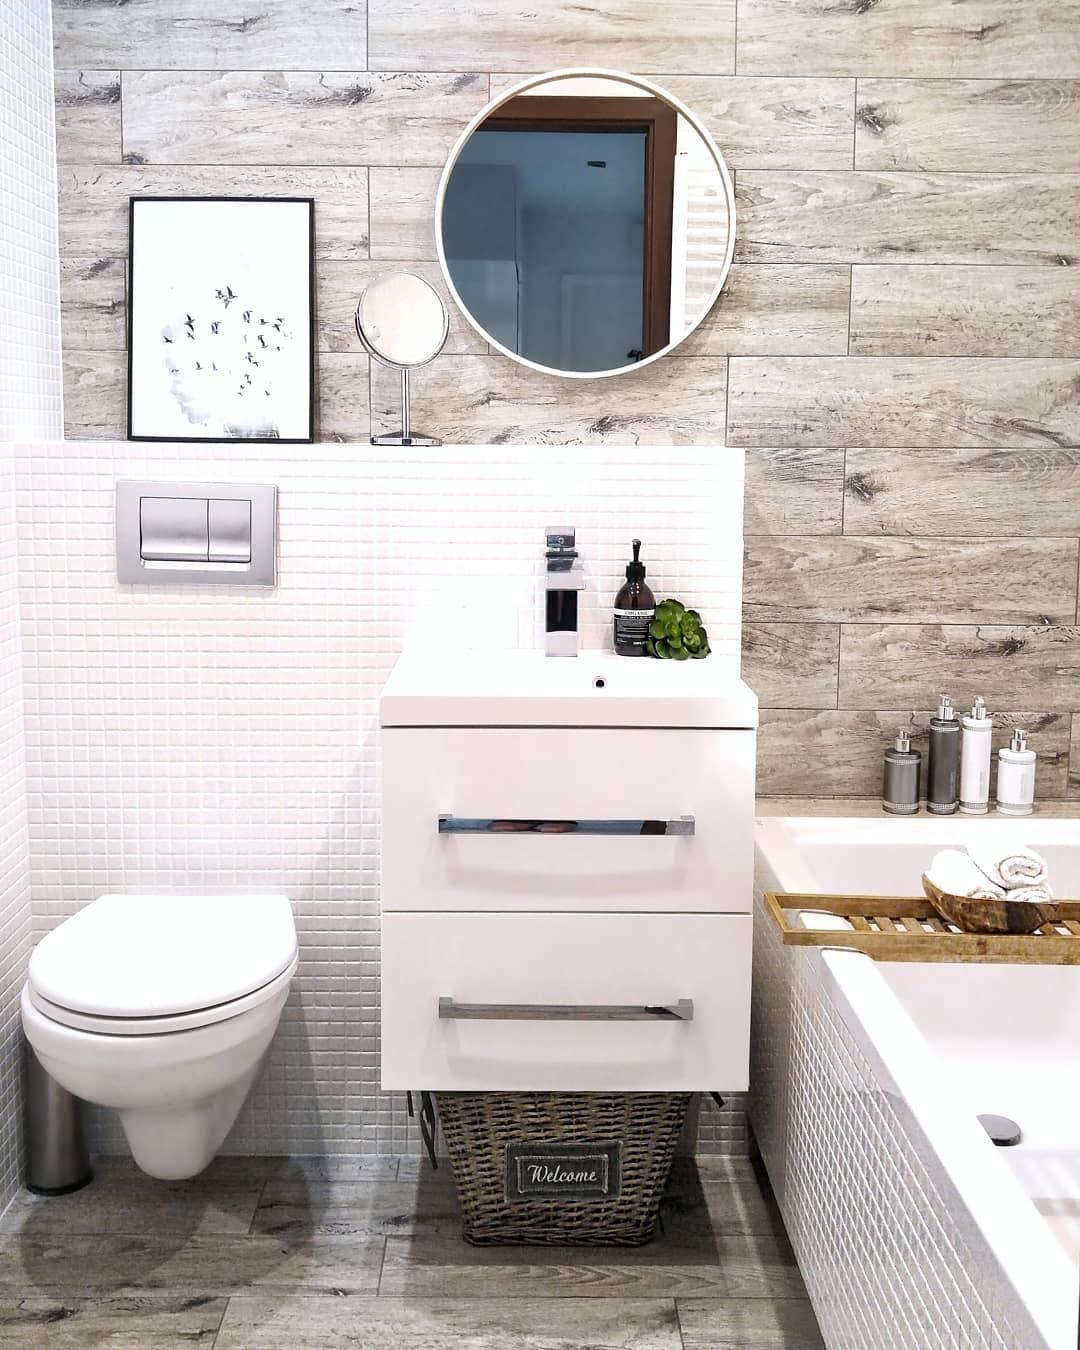 Spa wie badezimmer ideen home spa  relaxen im eigenen badin einem behaglichen